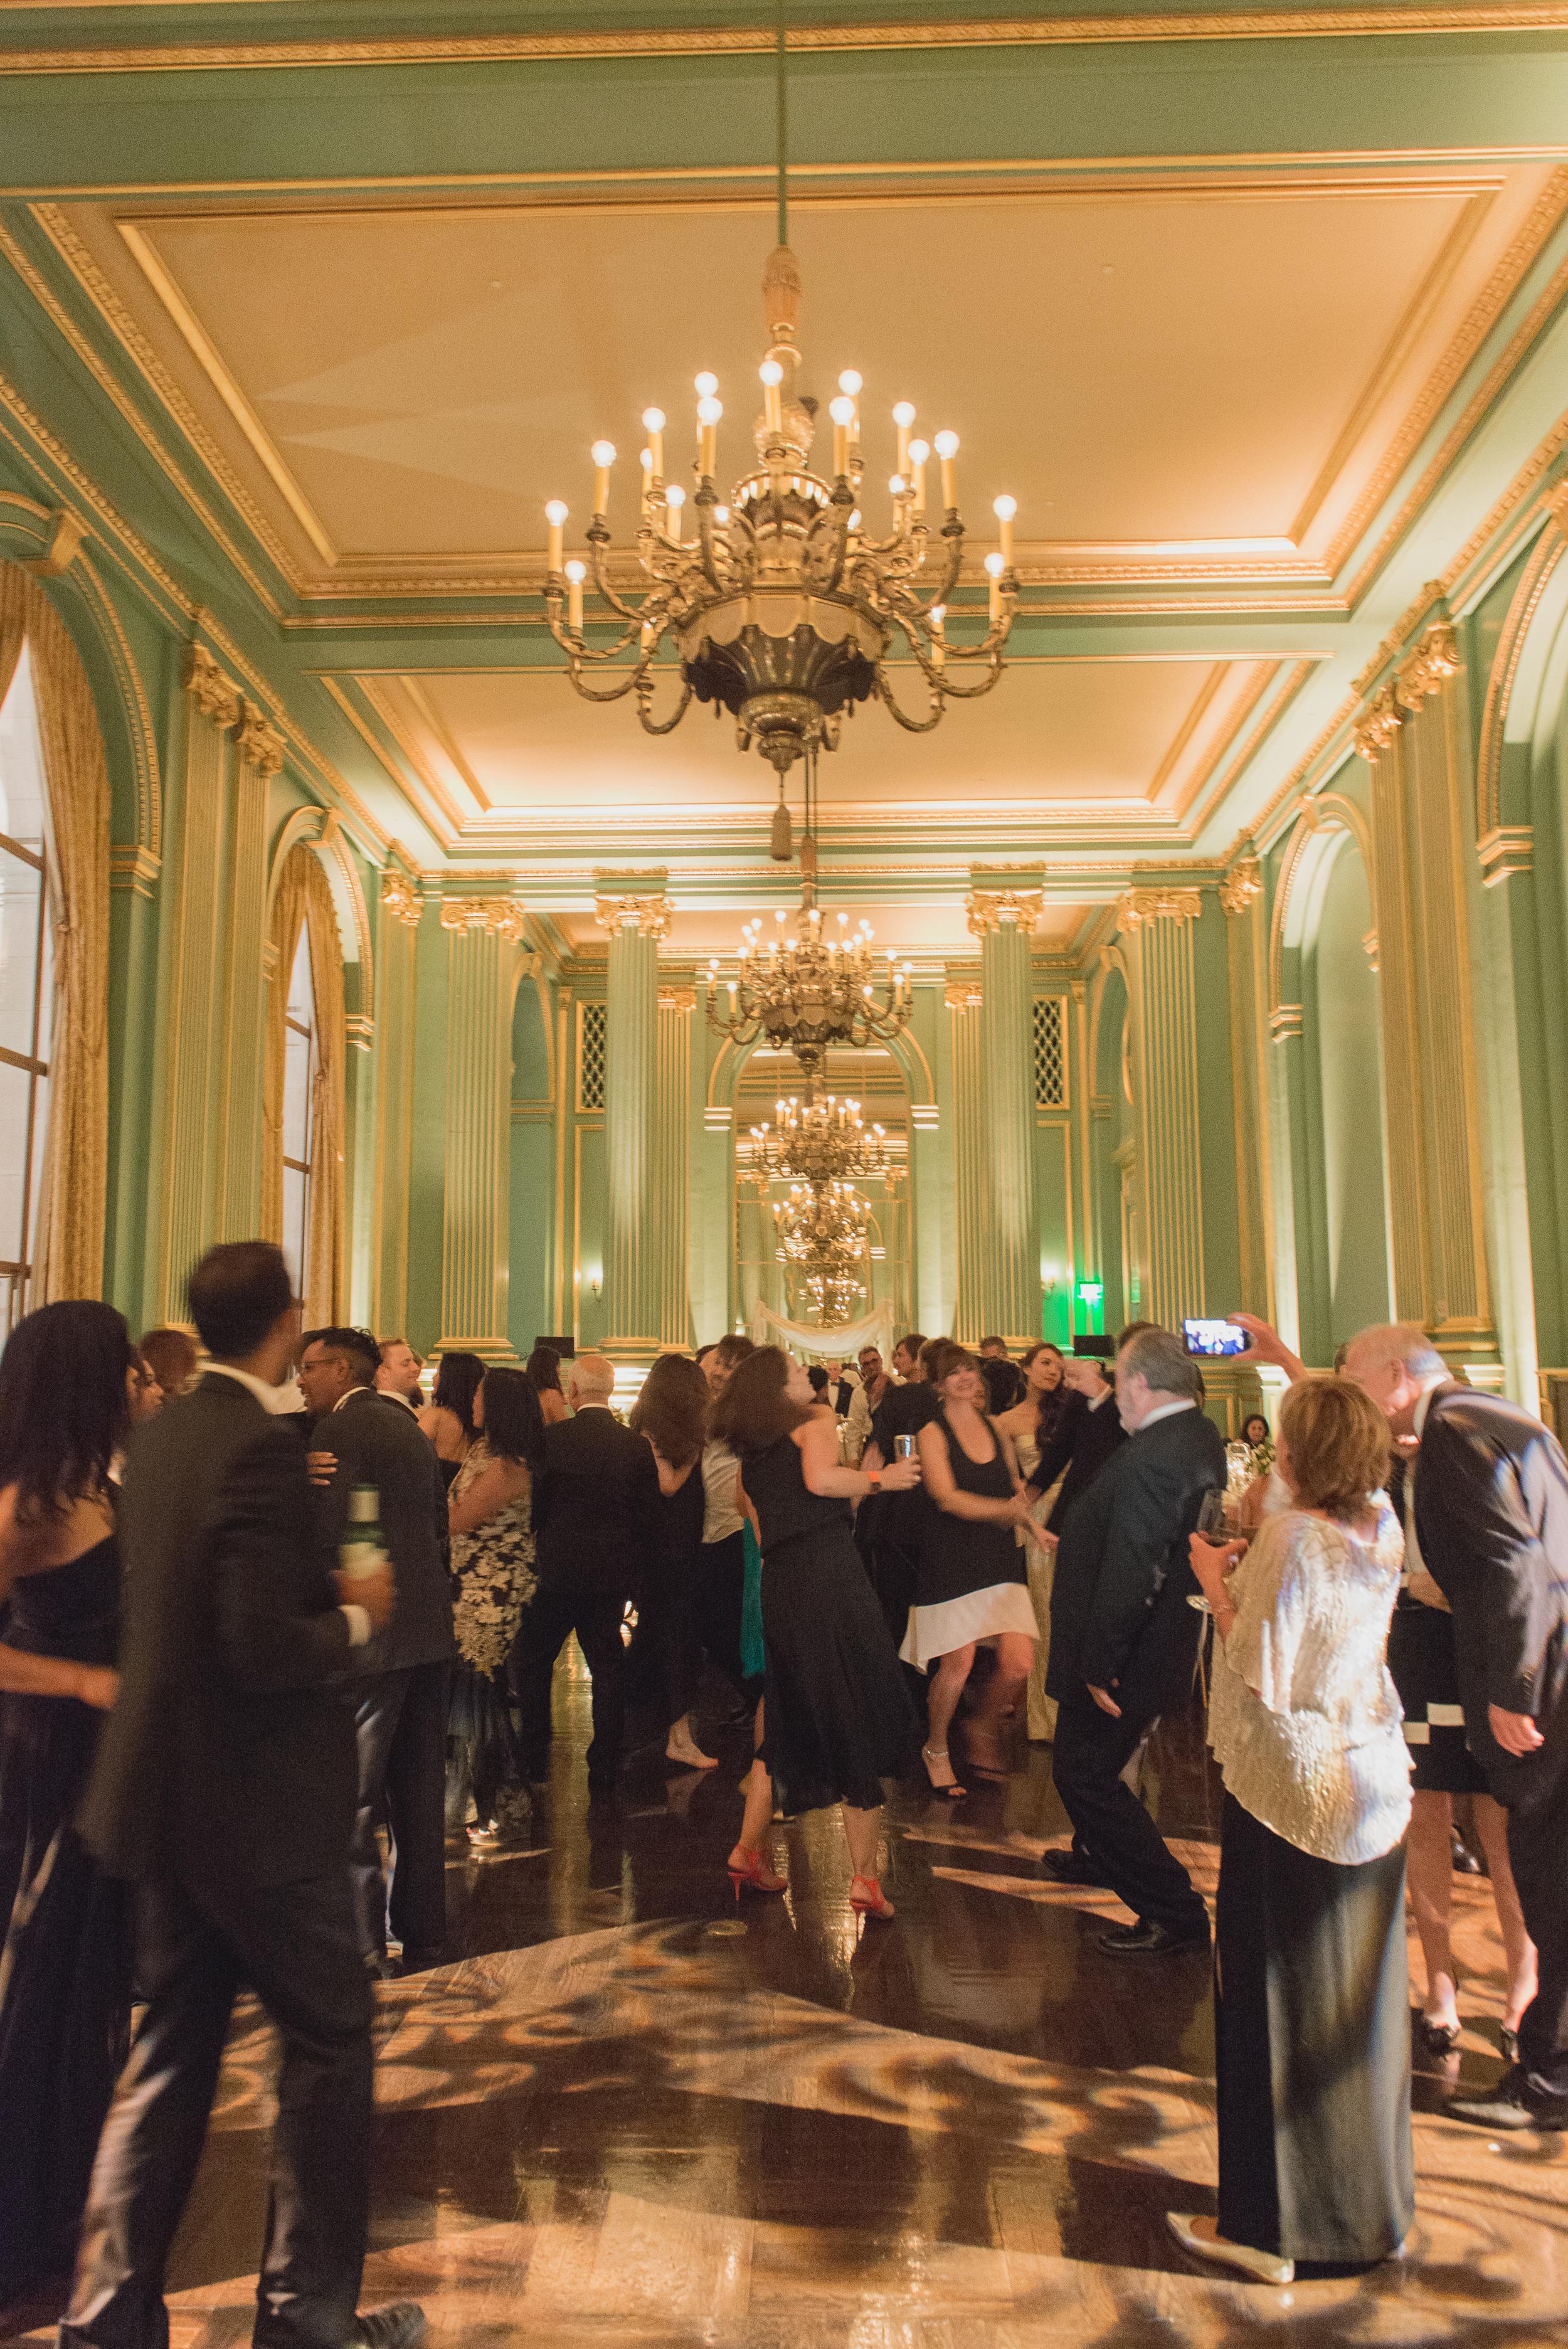 67san-francisco-green-room-wedding-photographer-vivianchen.jpg